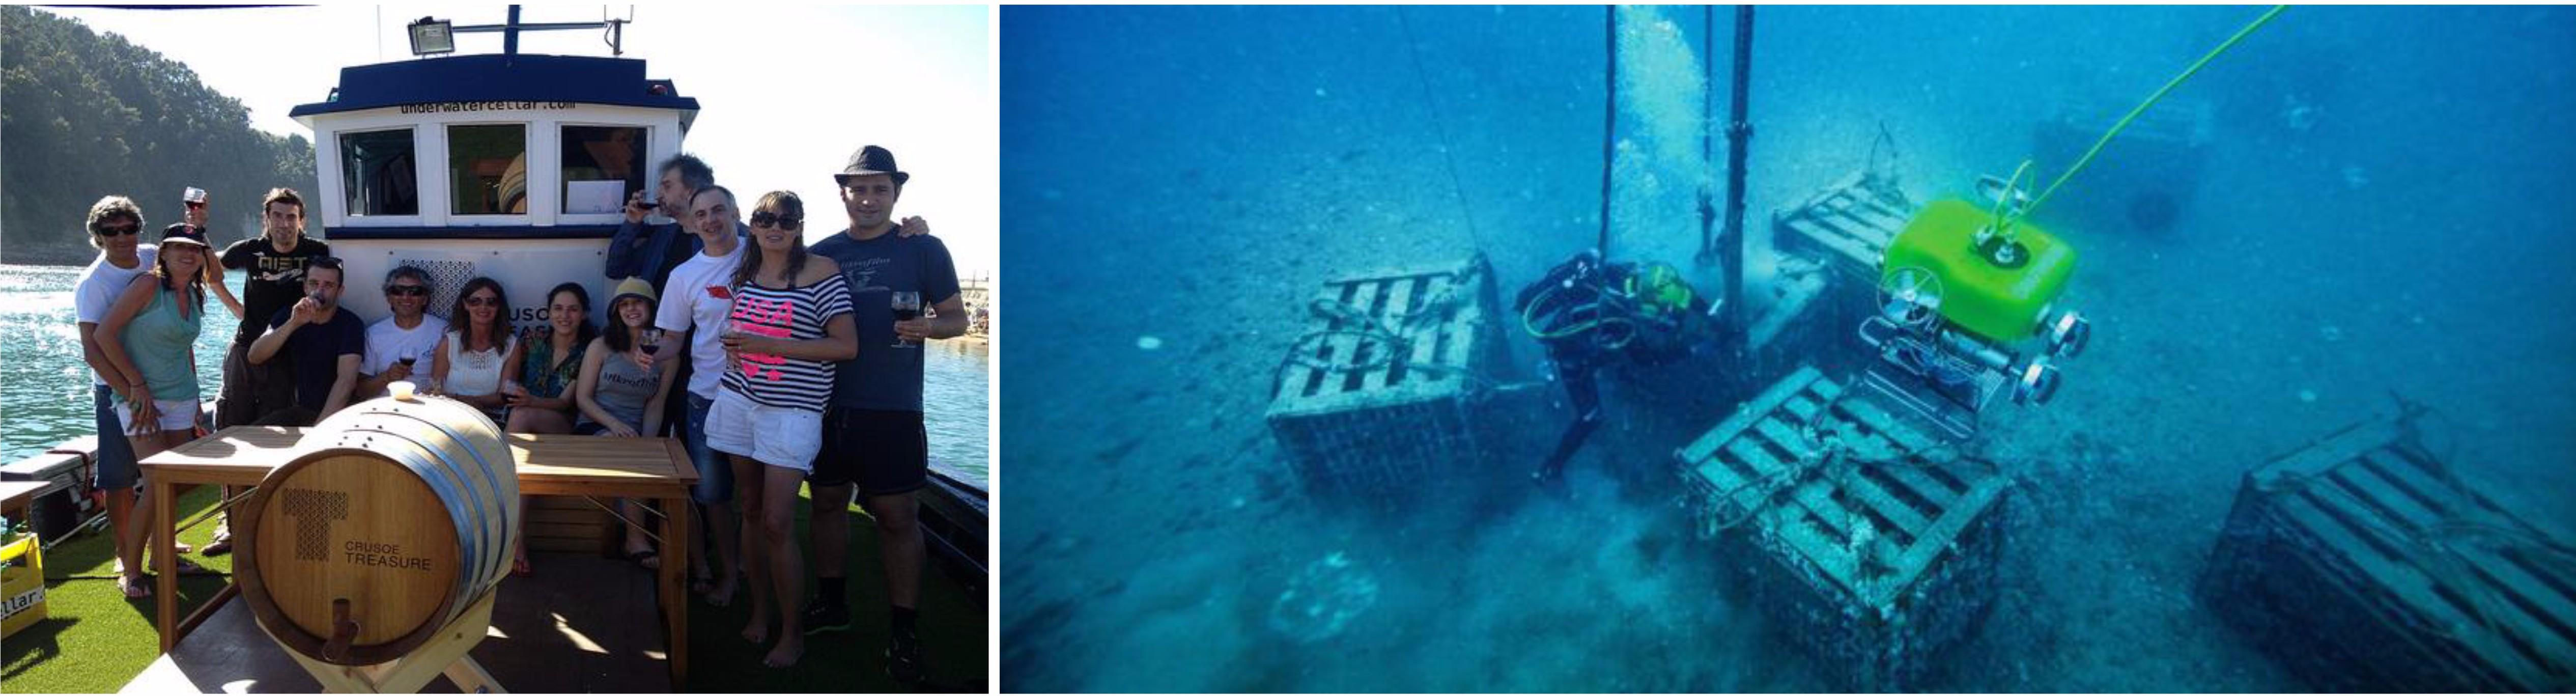 บิลเบา – หาดเพลนท์เซีย – ชิมไวน์ Crusoe Treasure – ซาน ฆวน เด กัสเตลูกัชเช่ – บิลเบา - 2